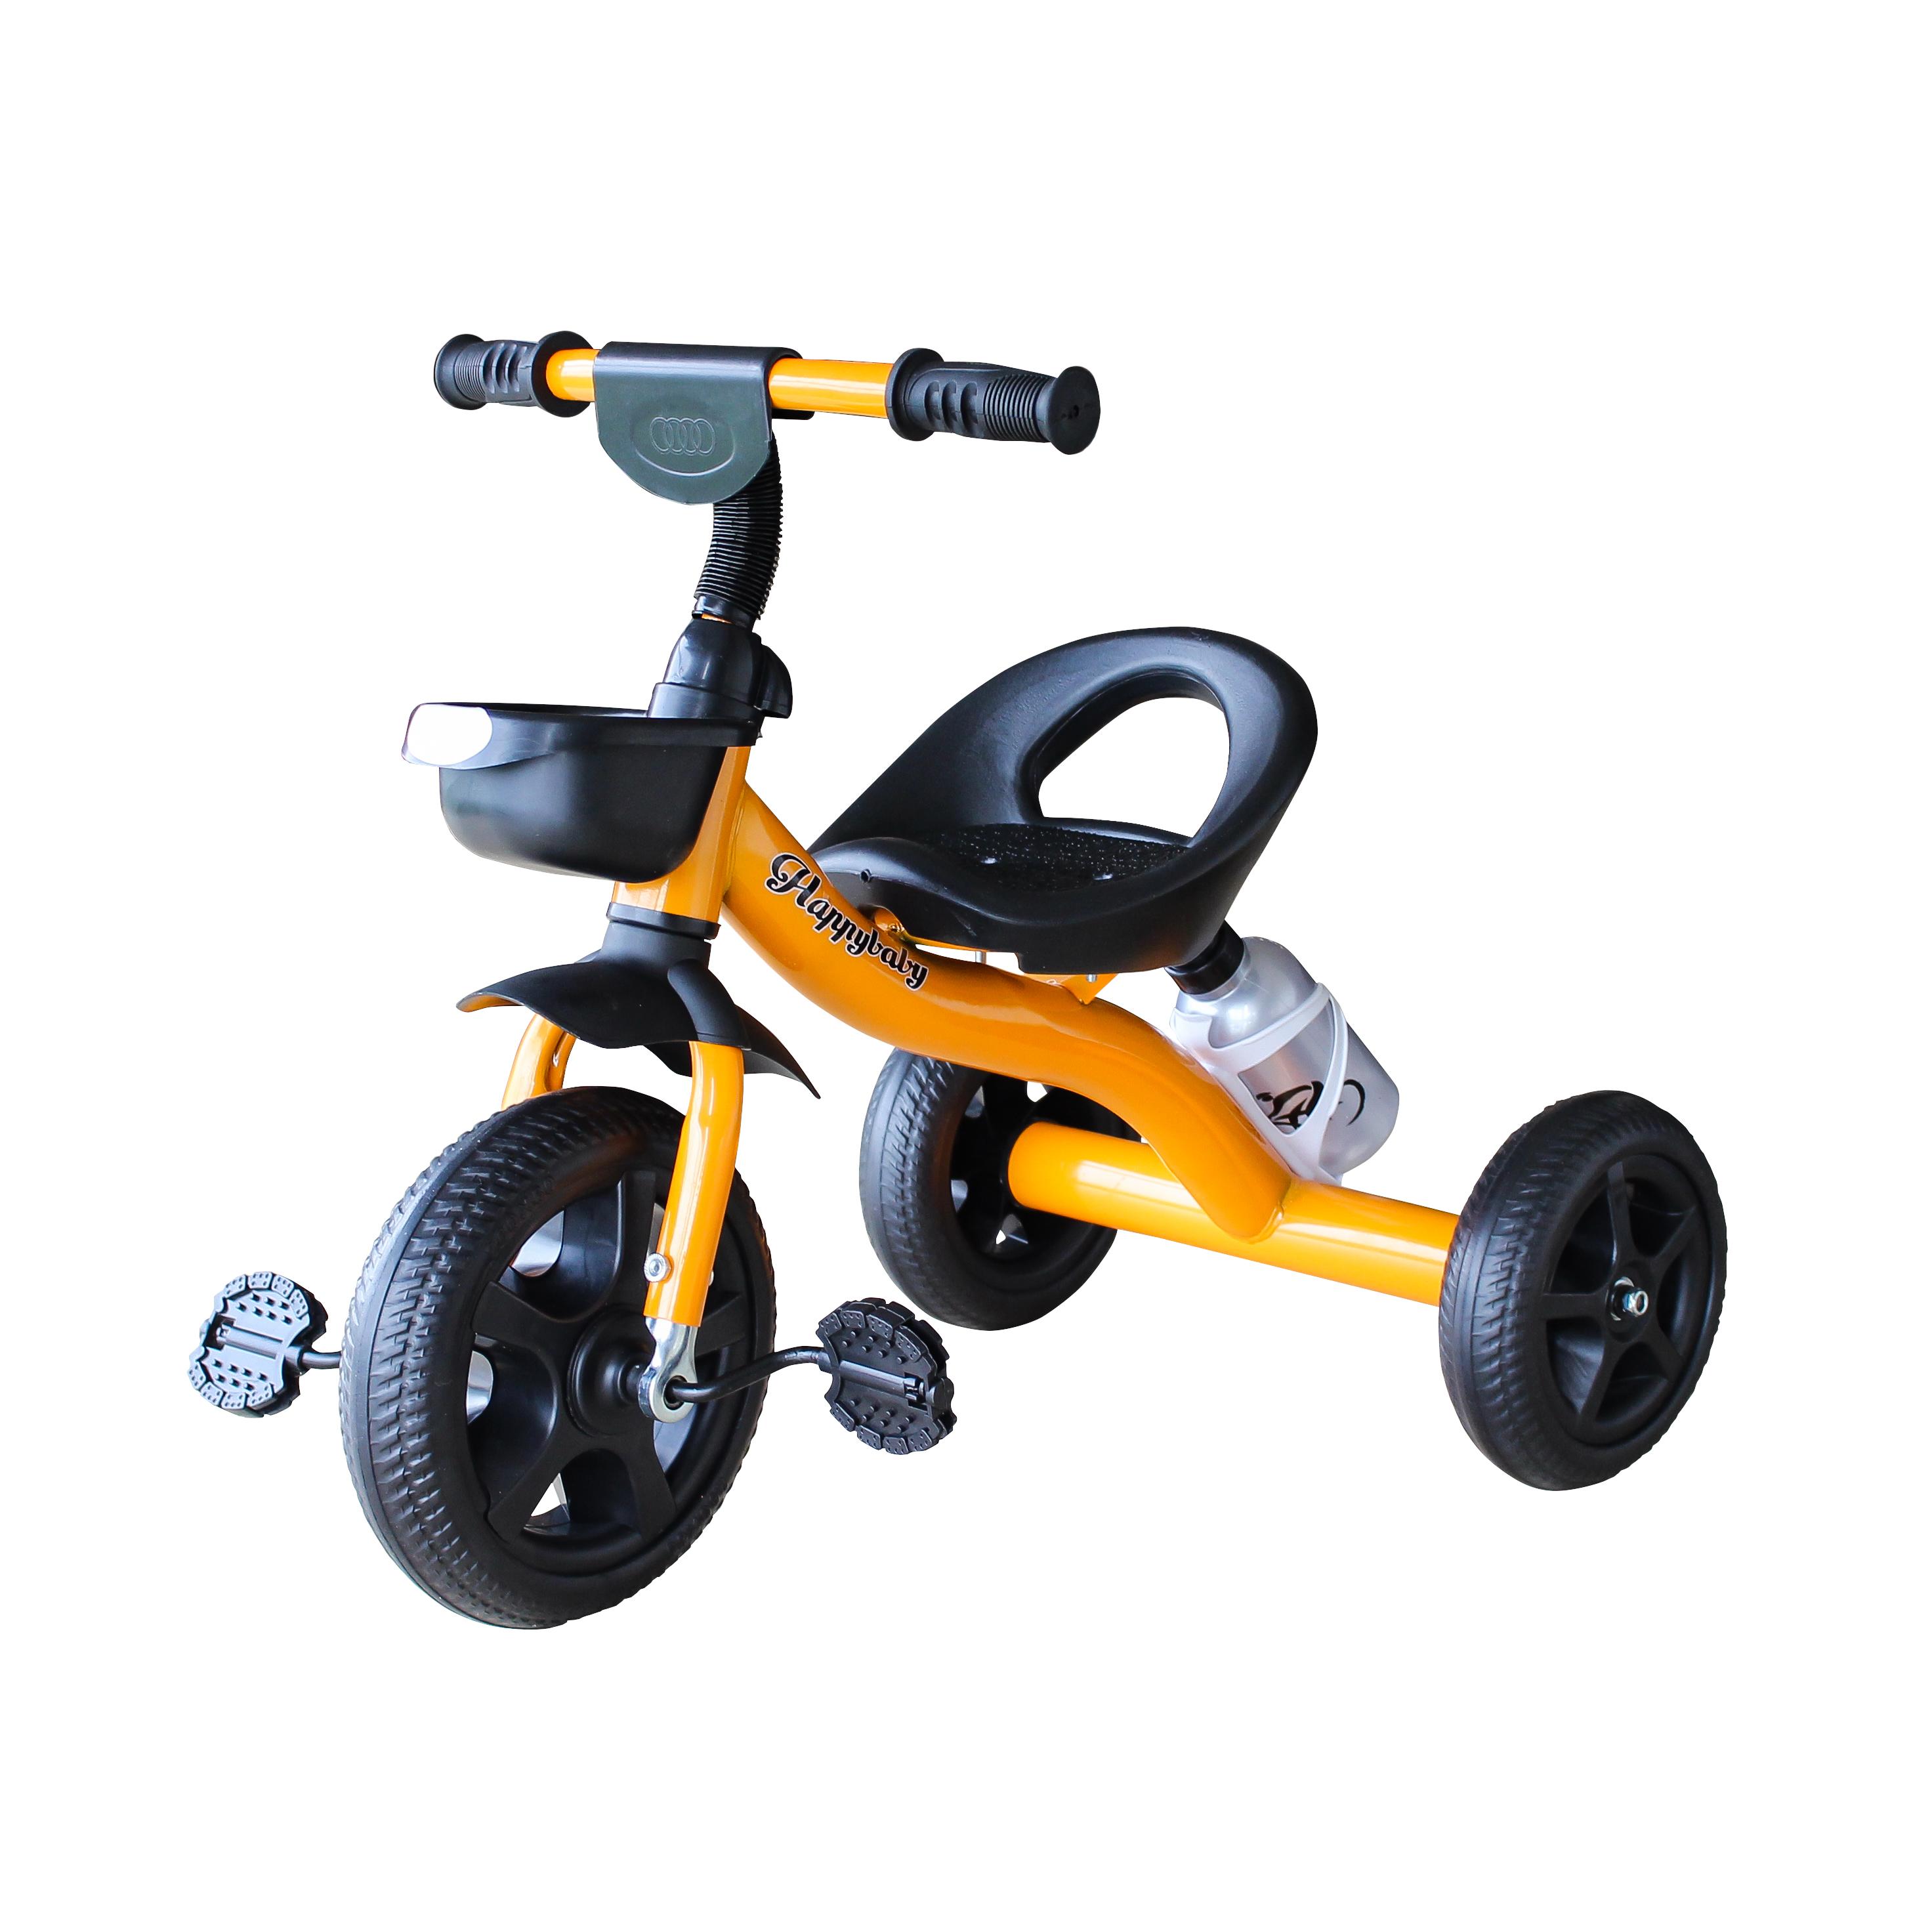 Offer Giảm Giá Xe đạp Trẻ Em 3 Bánh Broller BABY PLAZA XD3-2015